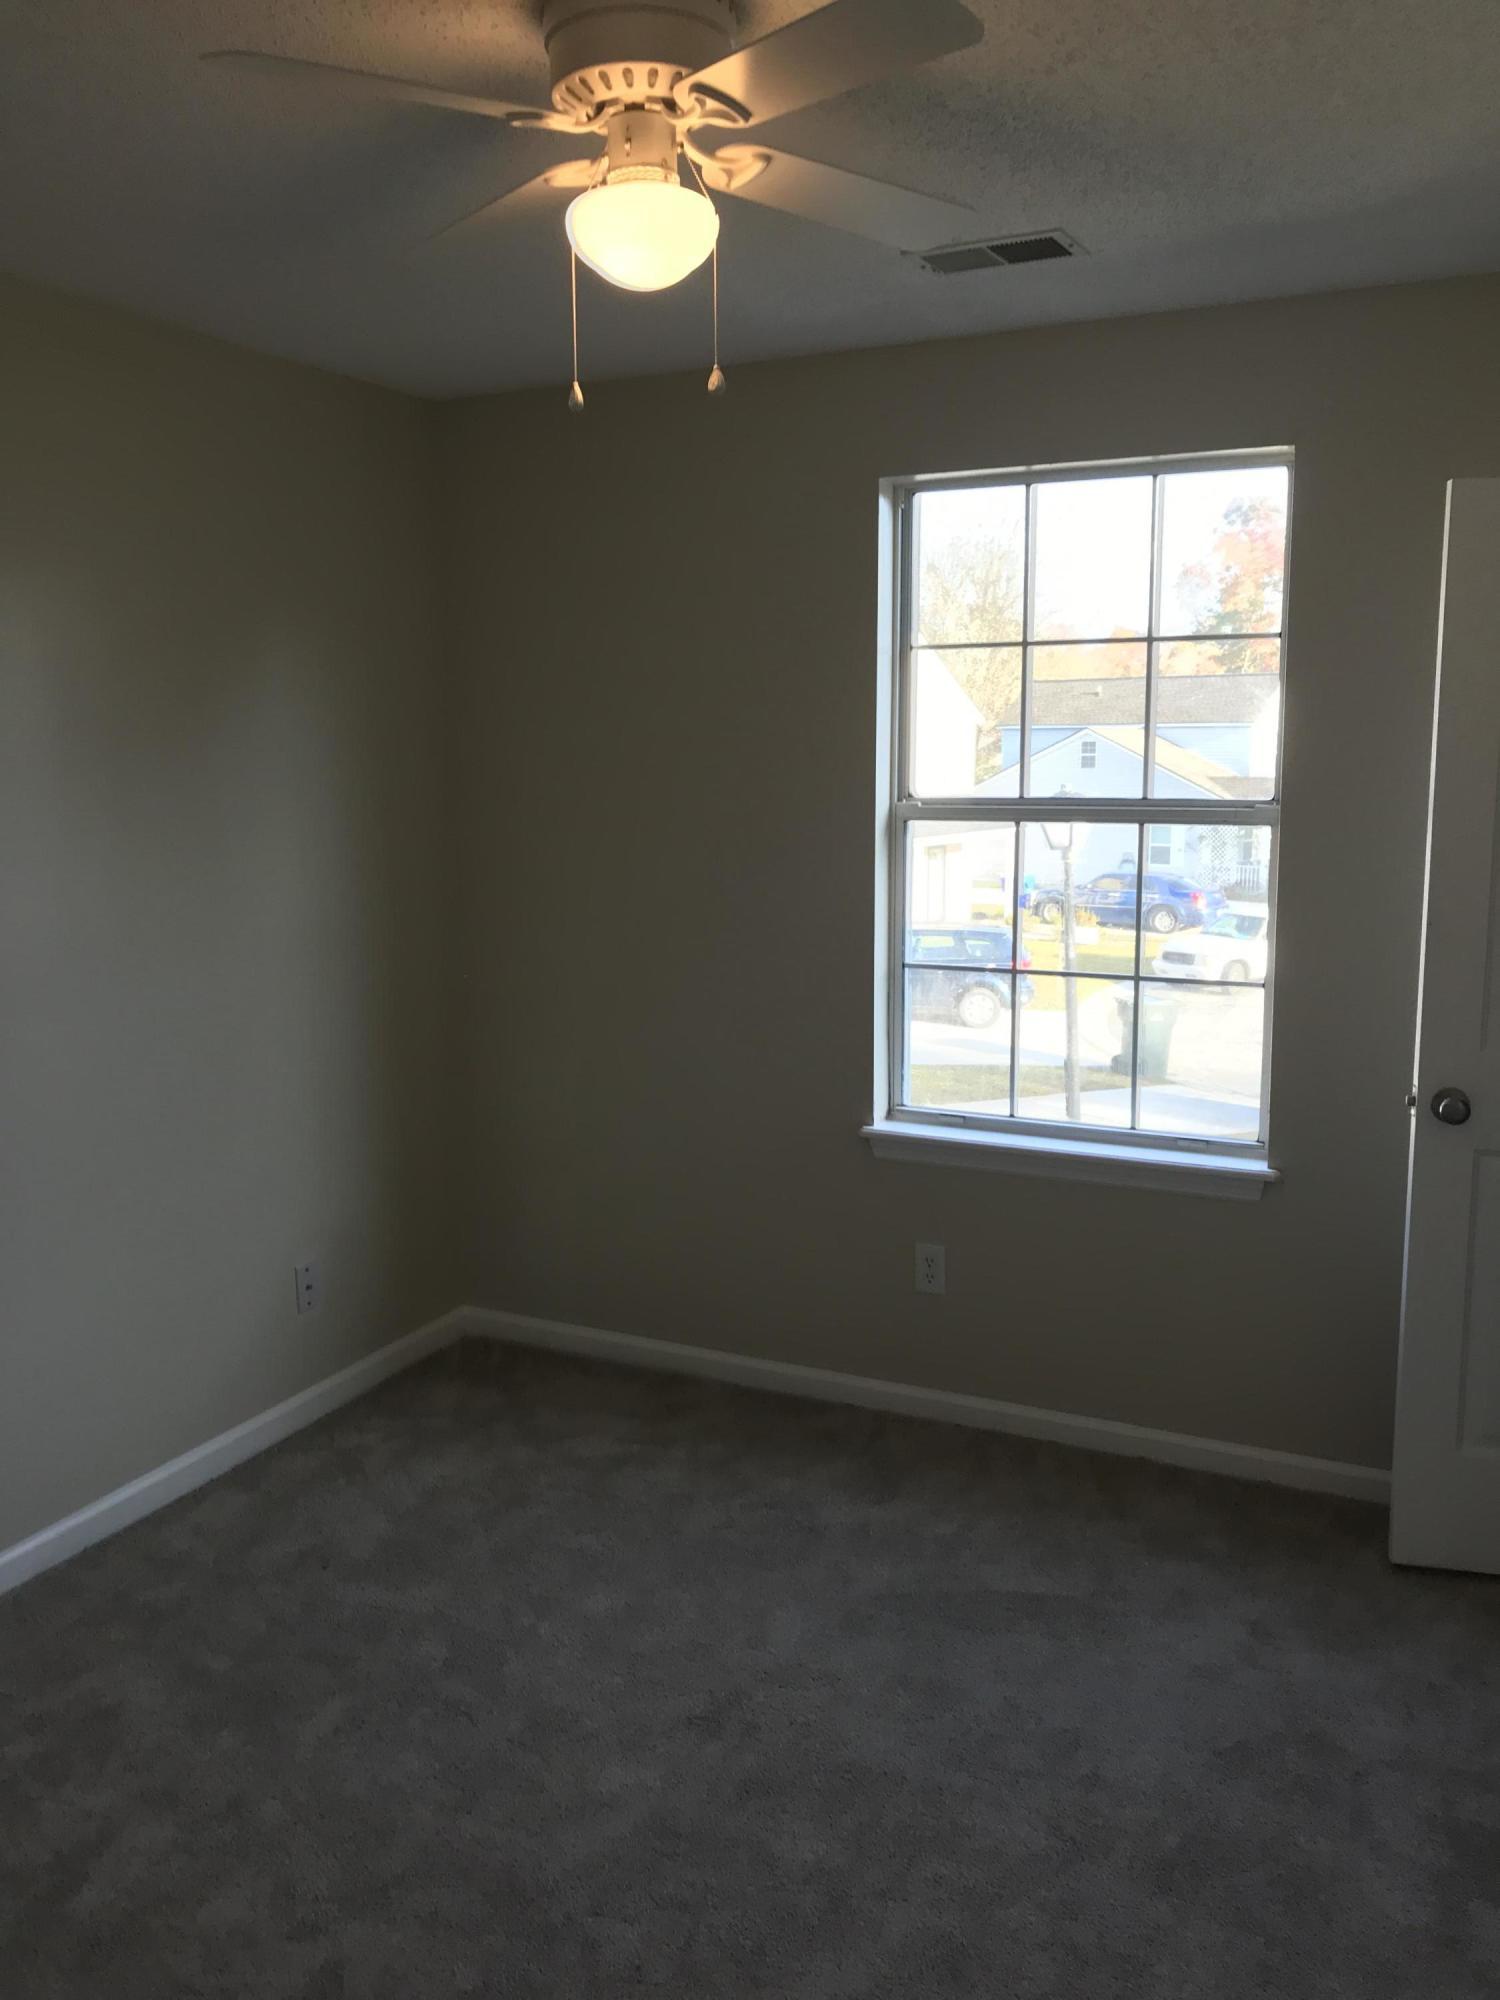 Woodlands Homes For Sale - 9 Woodleaf, Charleston, SC - 12